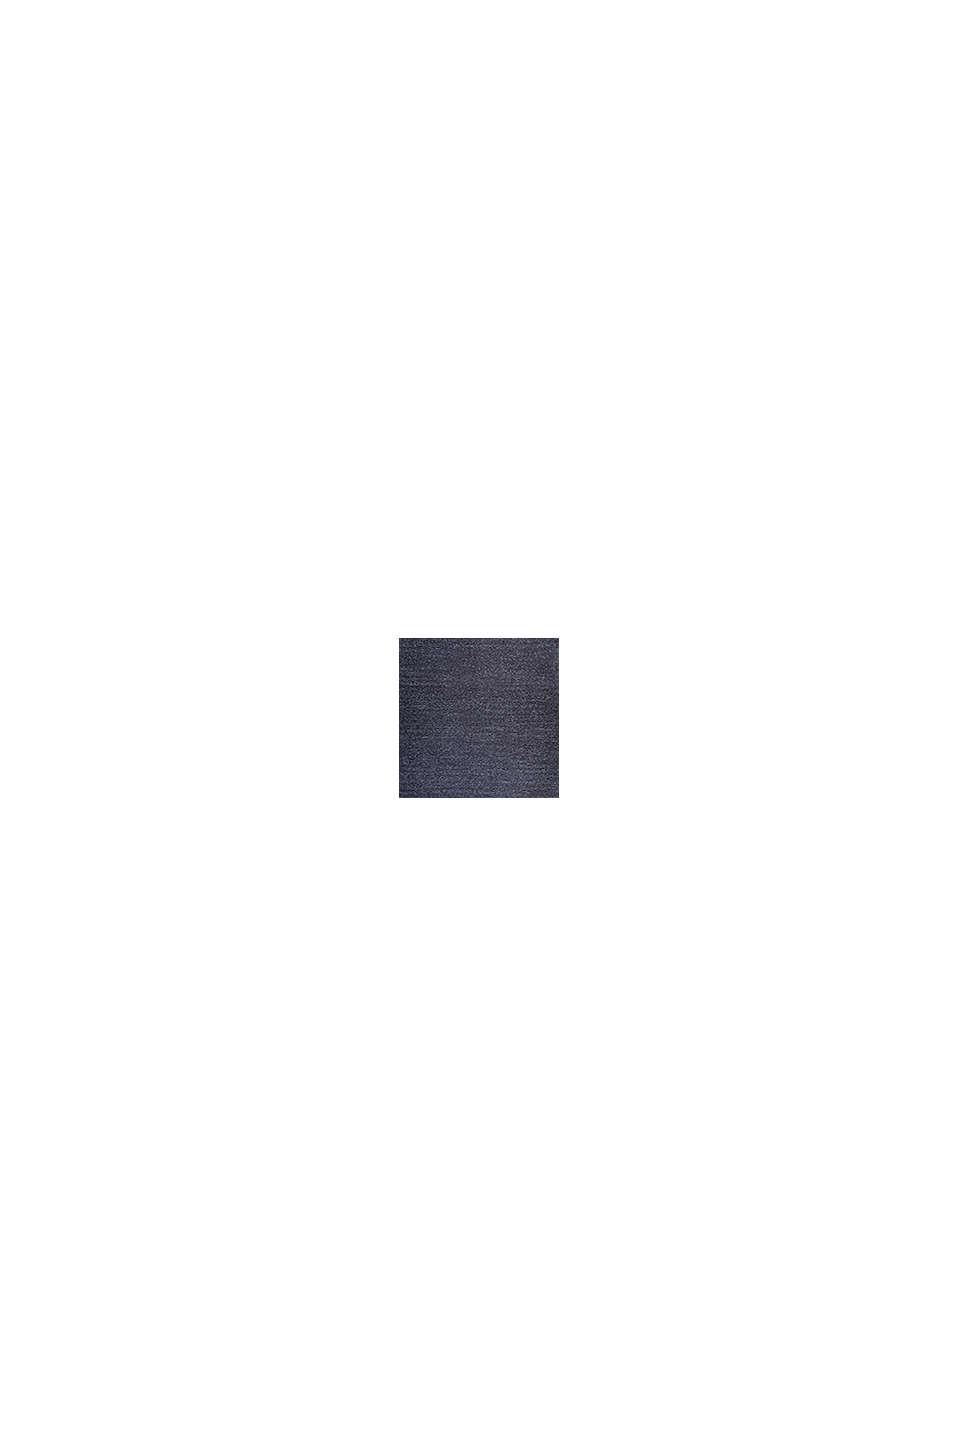 Kurzflor-Teppich mit upgecycelter Baumwolle, DARK BLUE, swatch